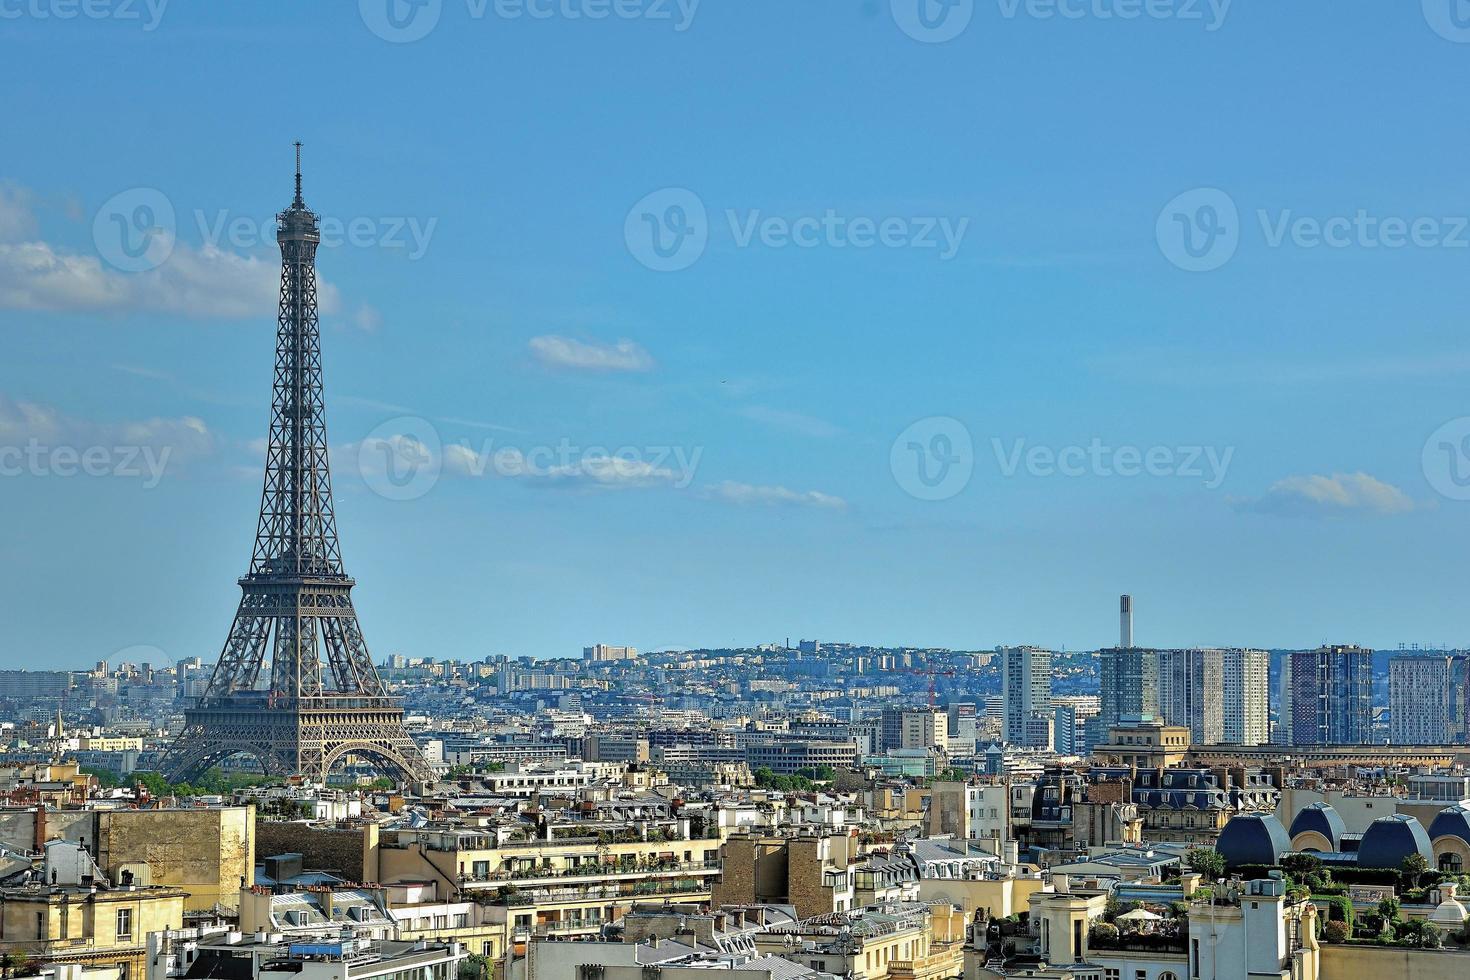 Wahrzeichen des Eiffelturms, Blick vom Arc de Triomphe. foto